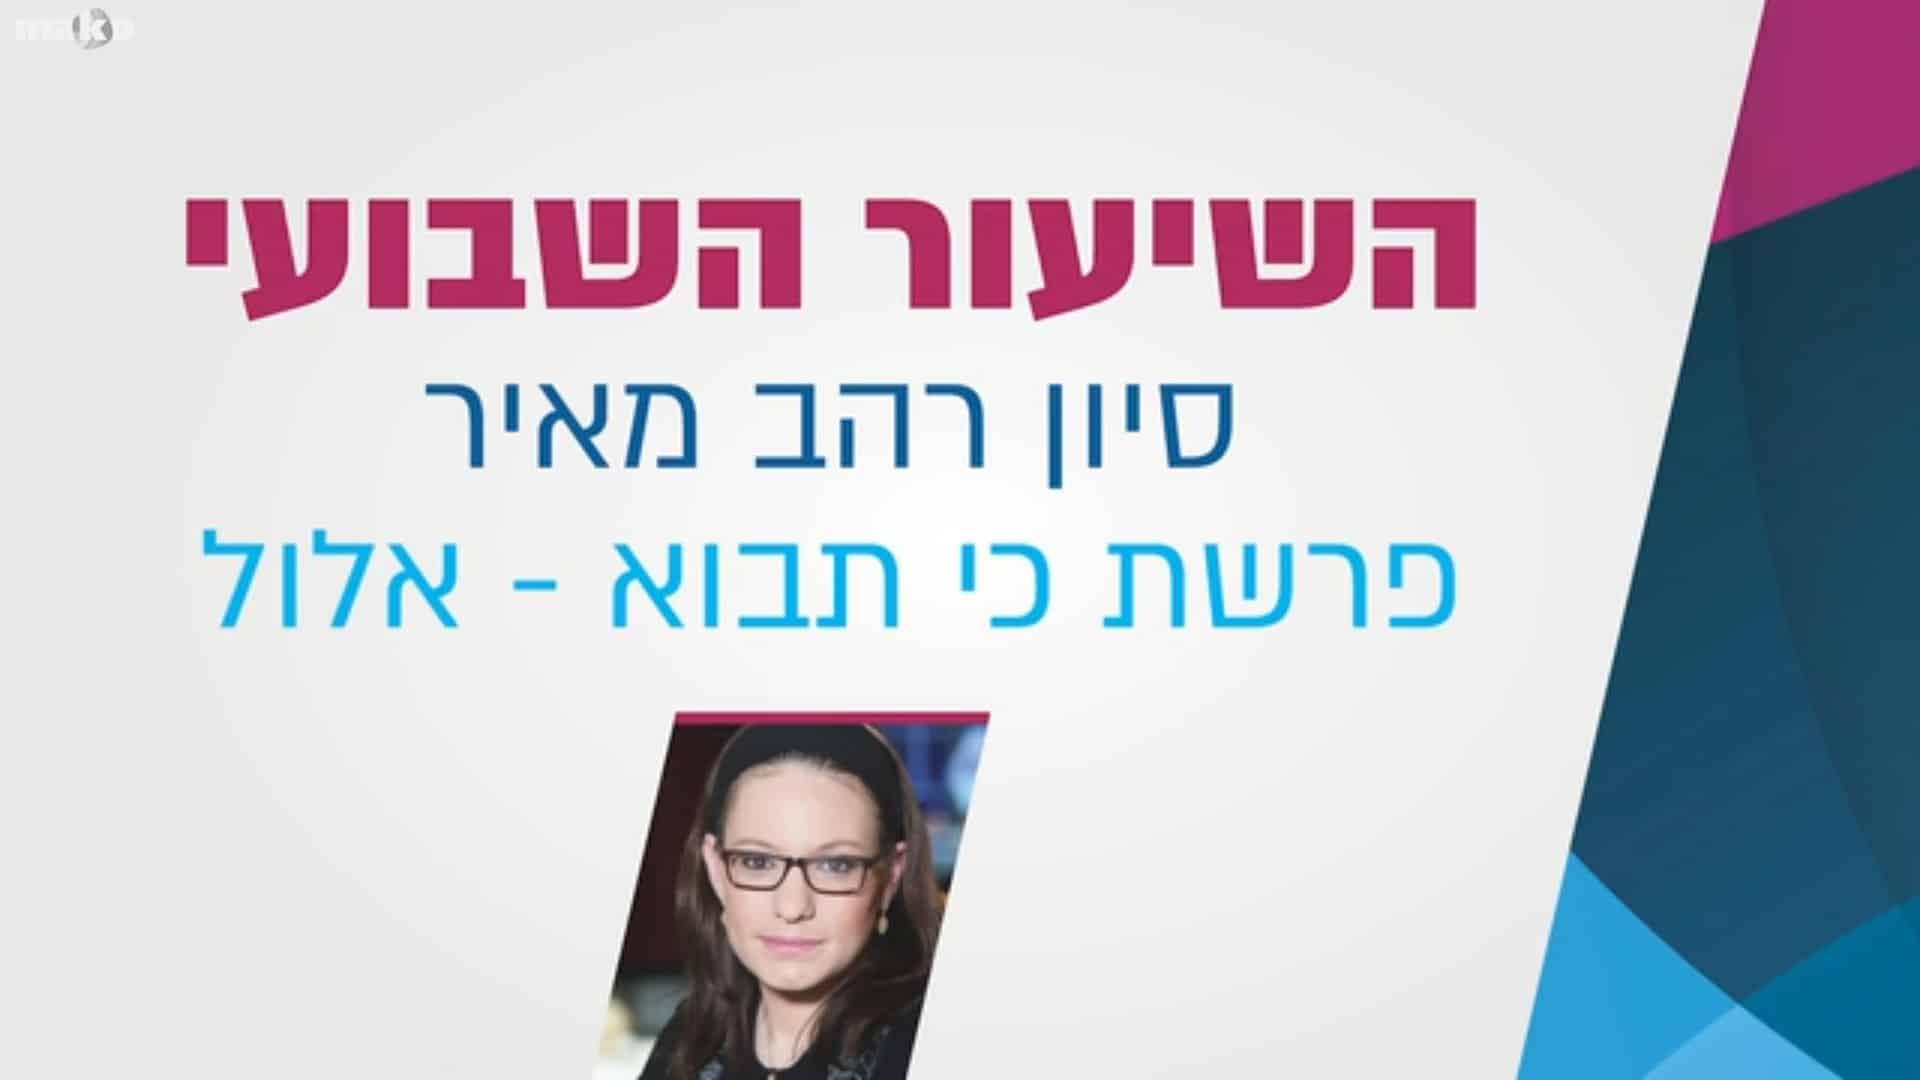 """אלול – ראשי תיבות עם מסר – השיעור השבועי מערוץ 12 – חודש אלול תש""""פ"""